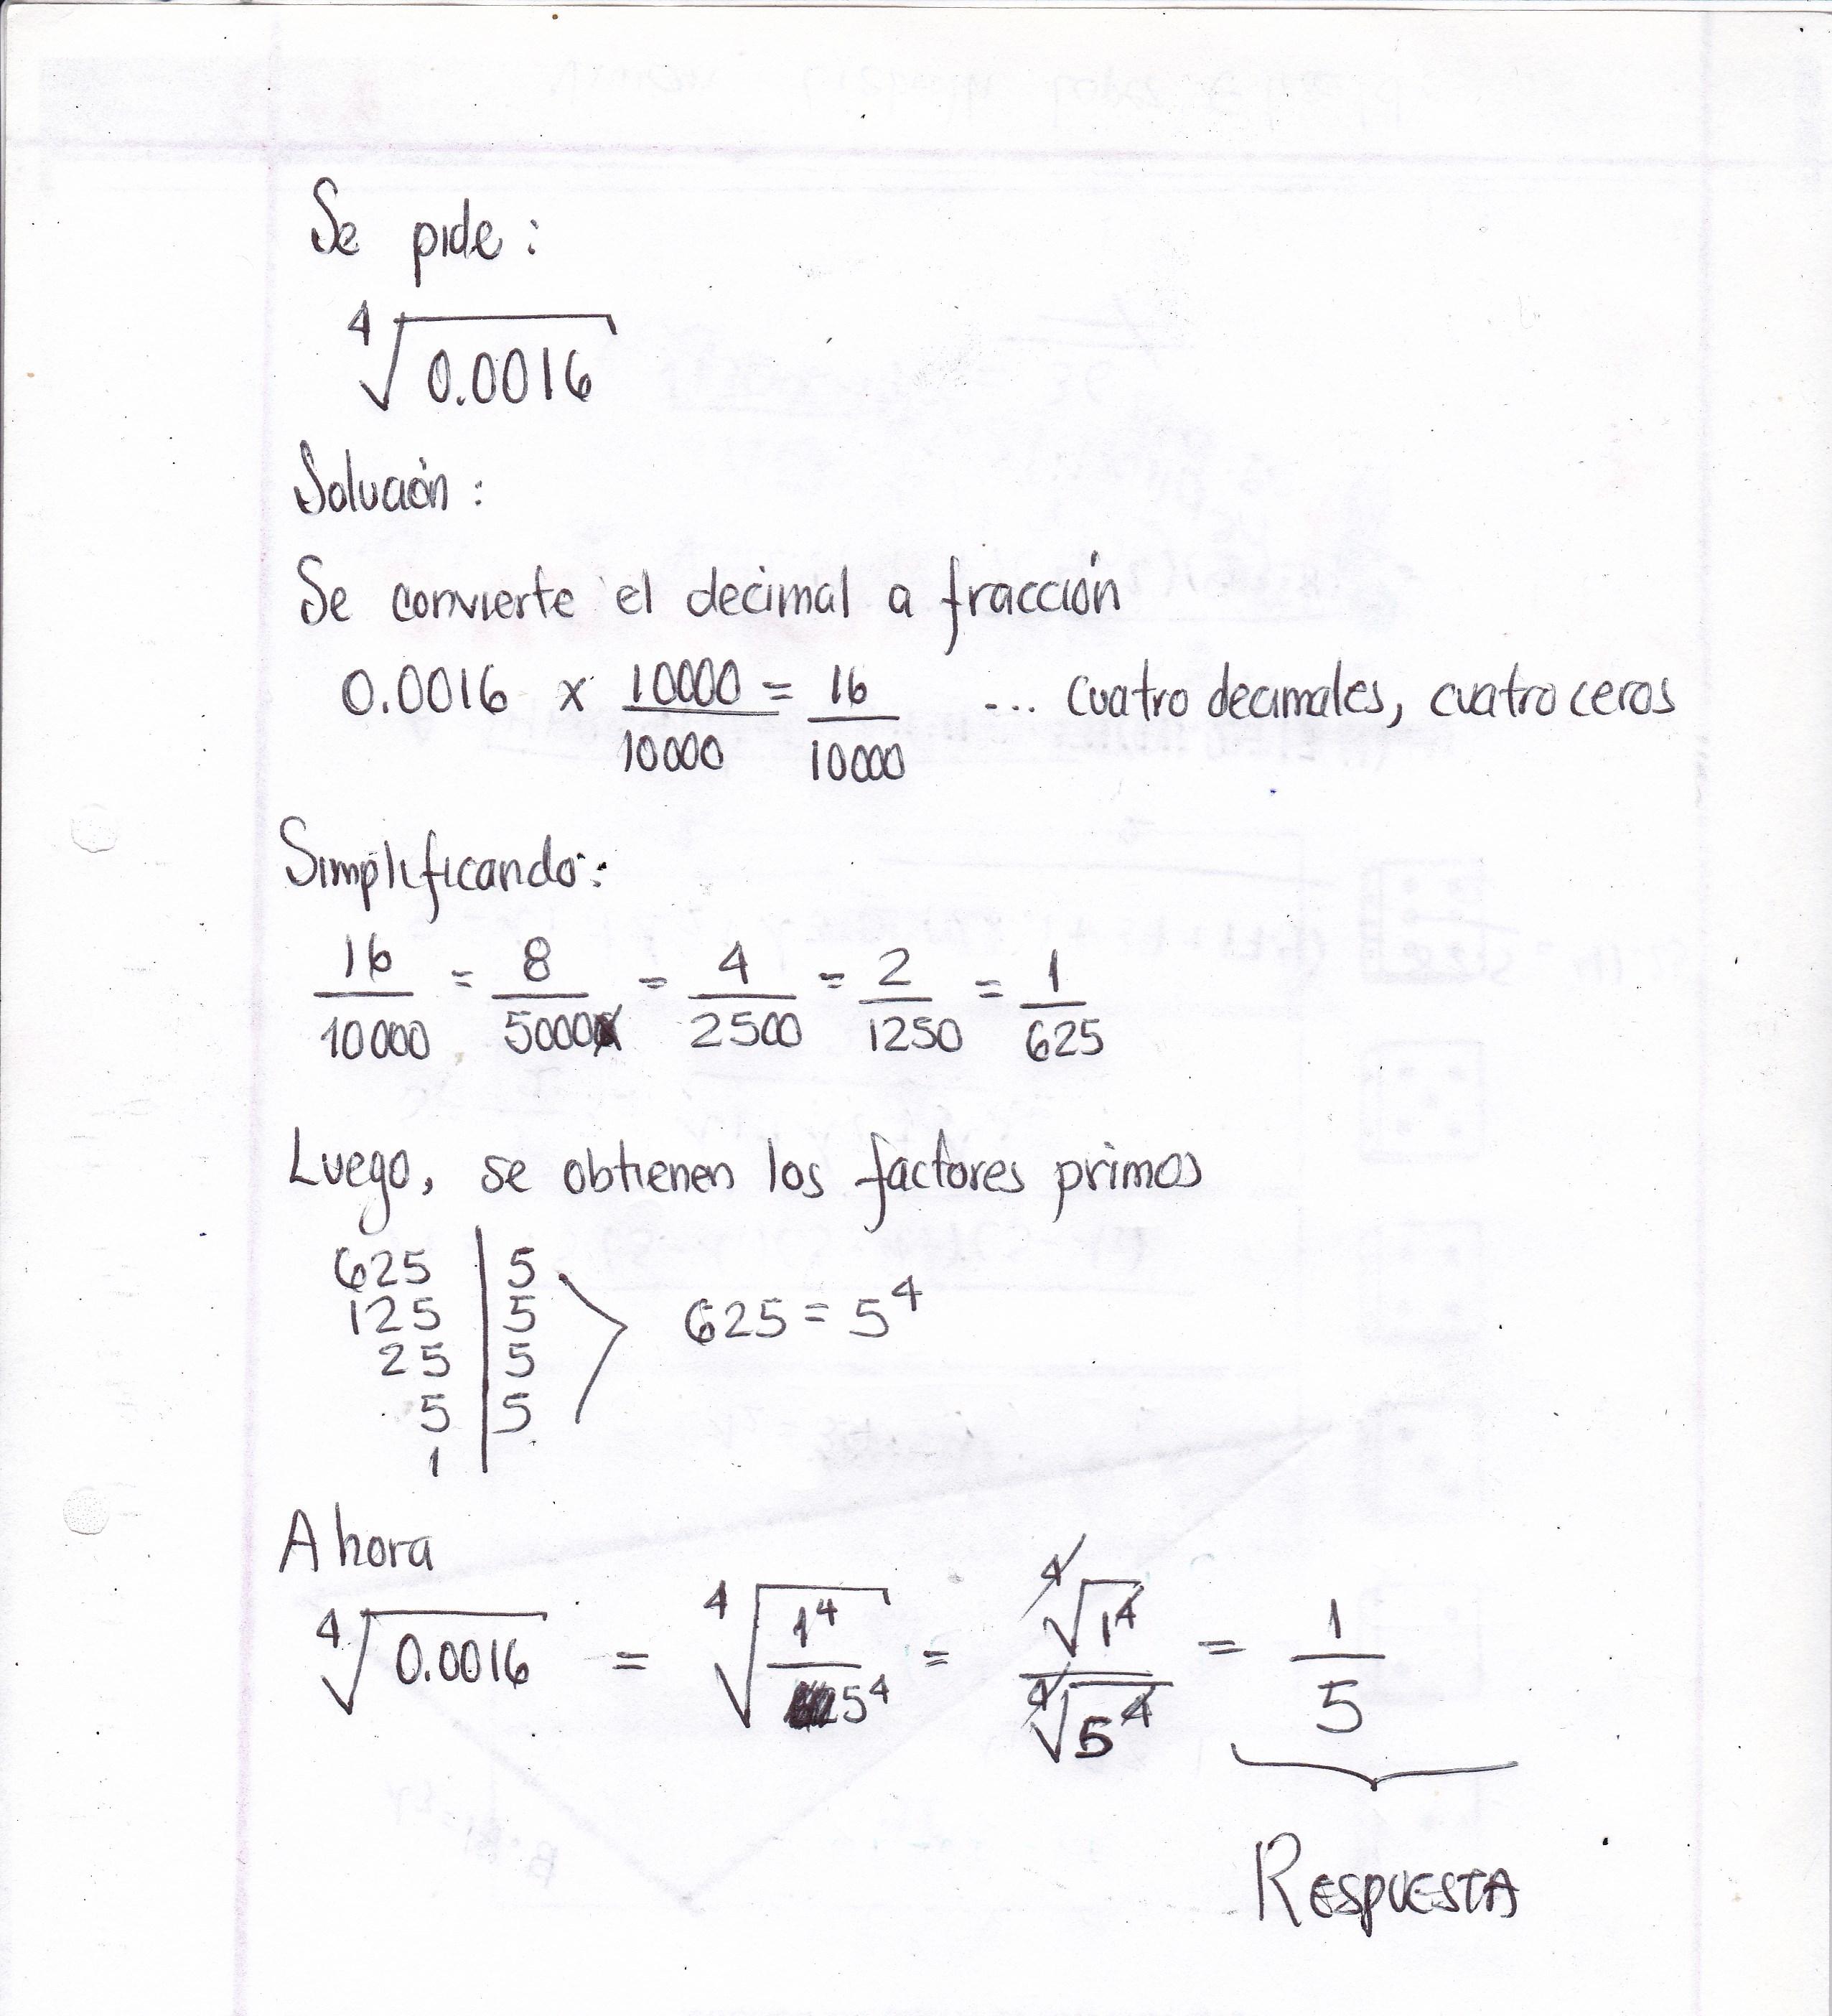 CALCULA RAIZ CUARTA DE 0,0016 - Brainly.lat